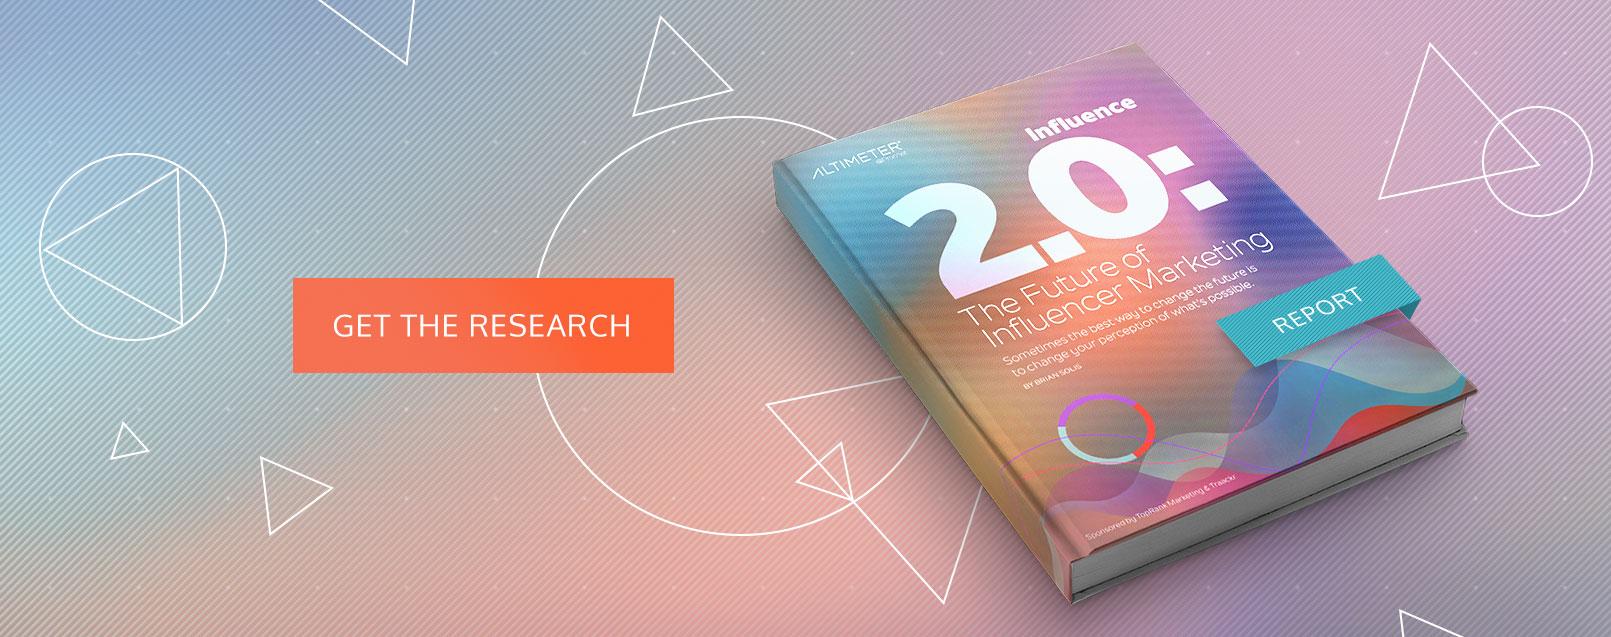 Influence 2.0 : Le Futur du Marketing d'Influence